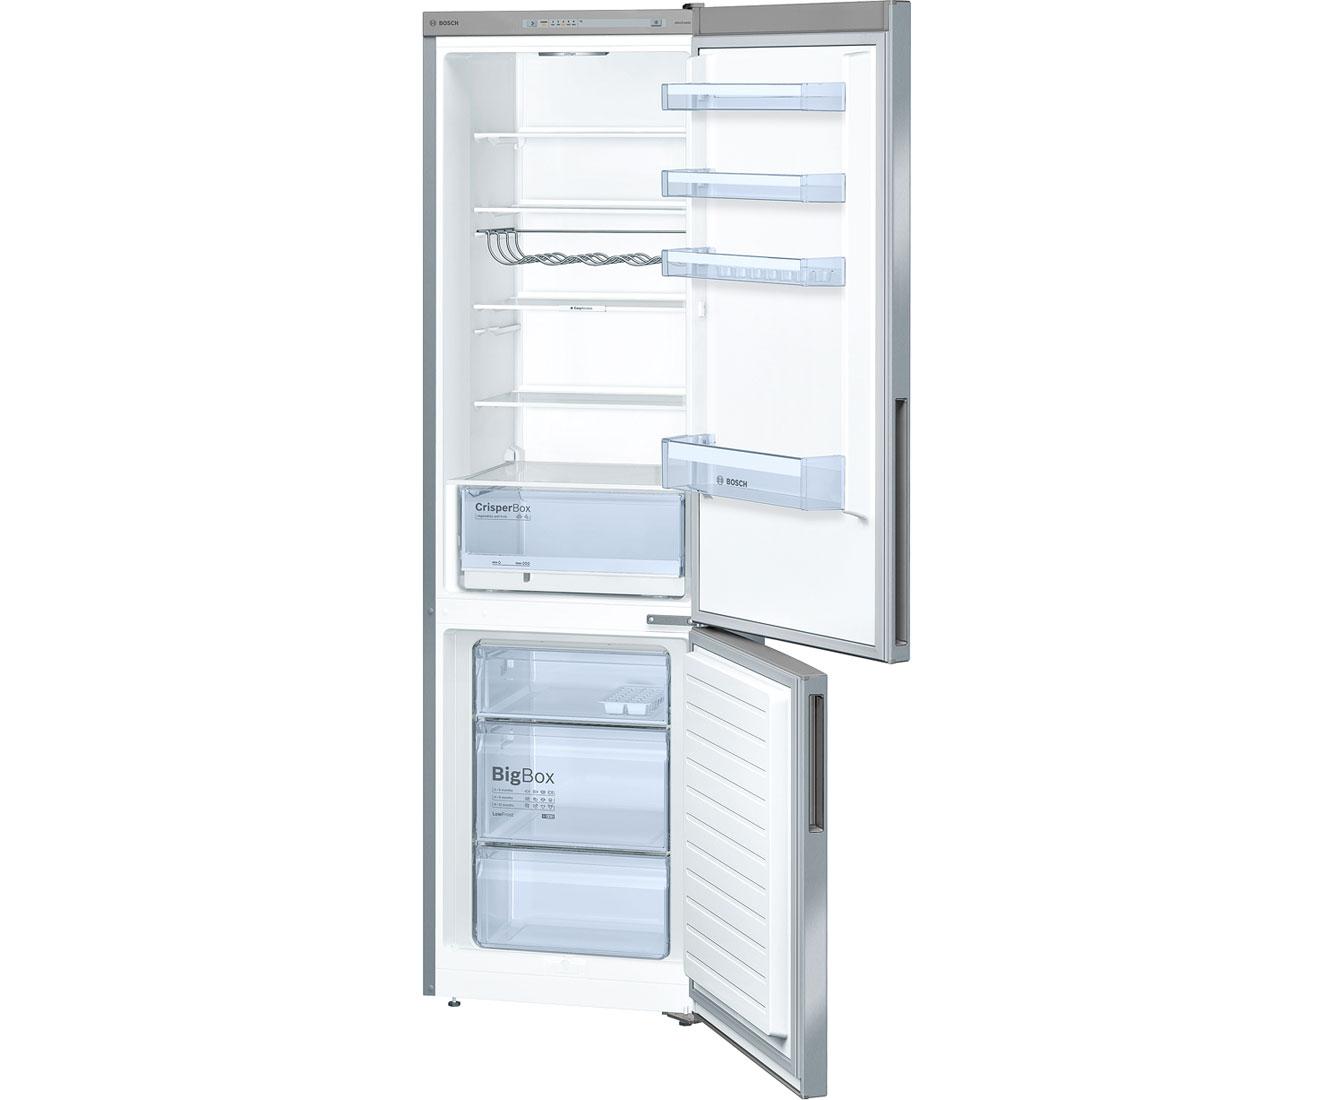 Kühlschrank Gefrierschrank Kombination : Bosch kgv vi kühl gefrier kombination im preisvergleich